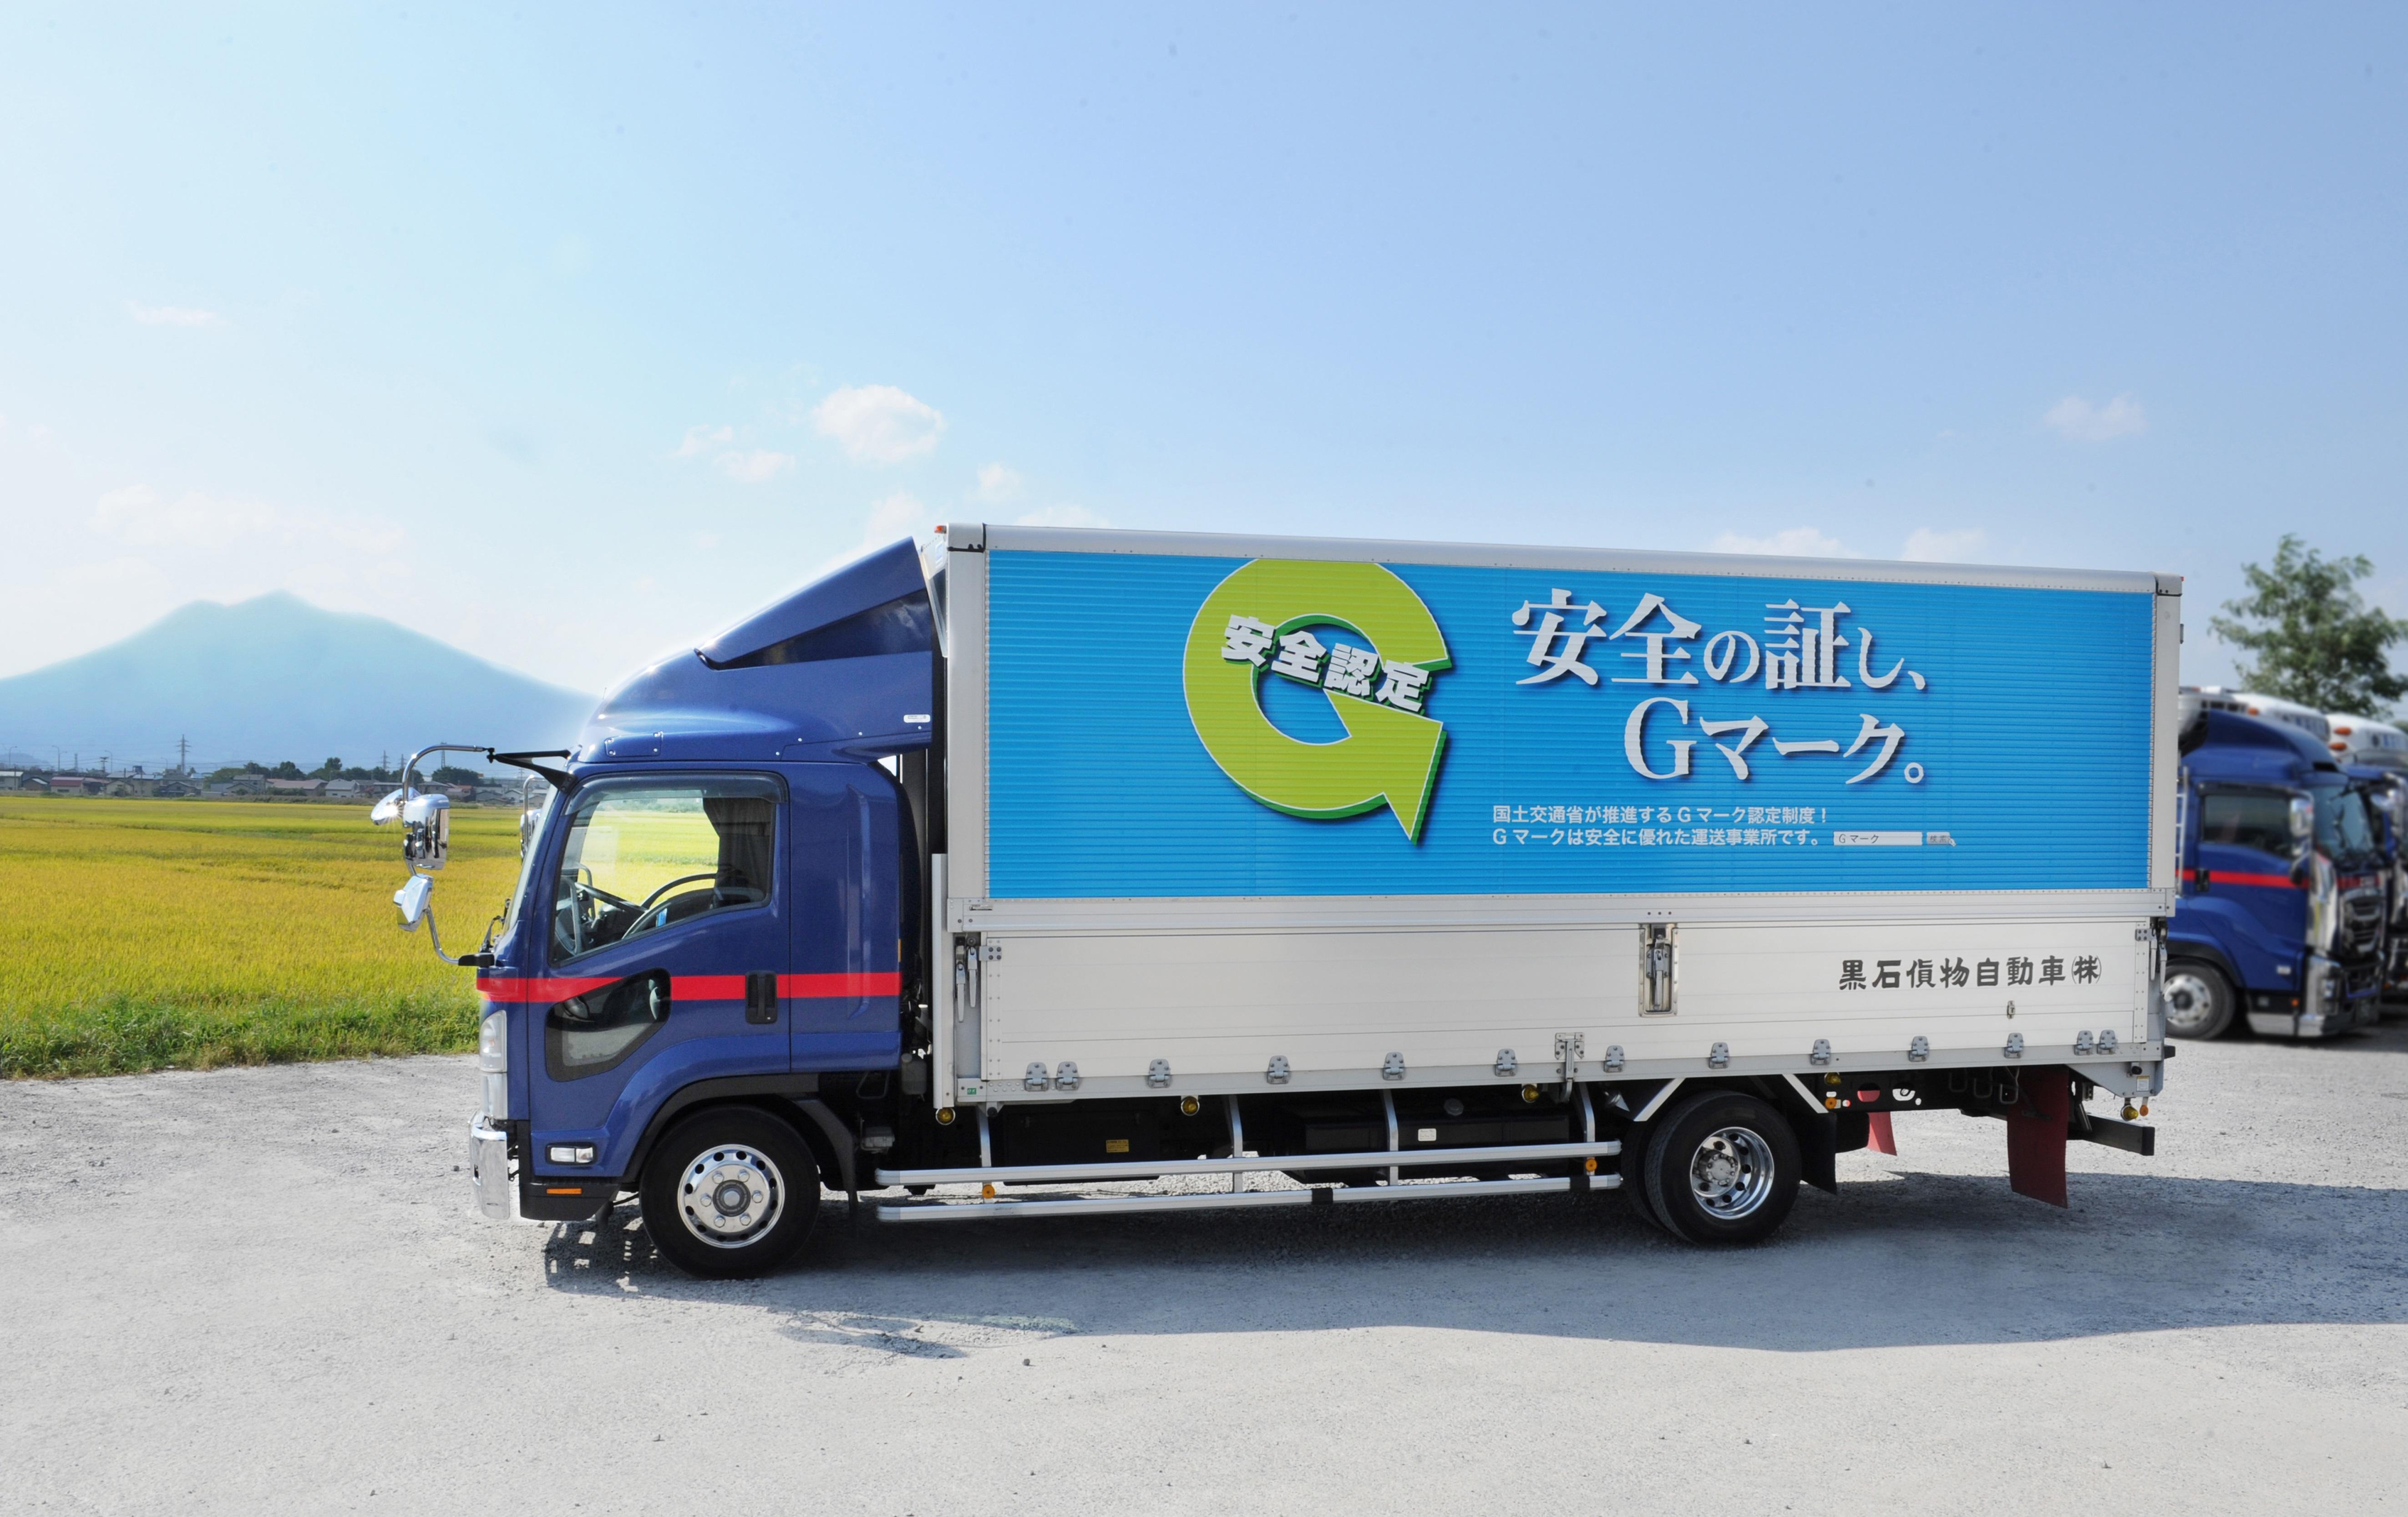 黒石貨物自動車株式会社